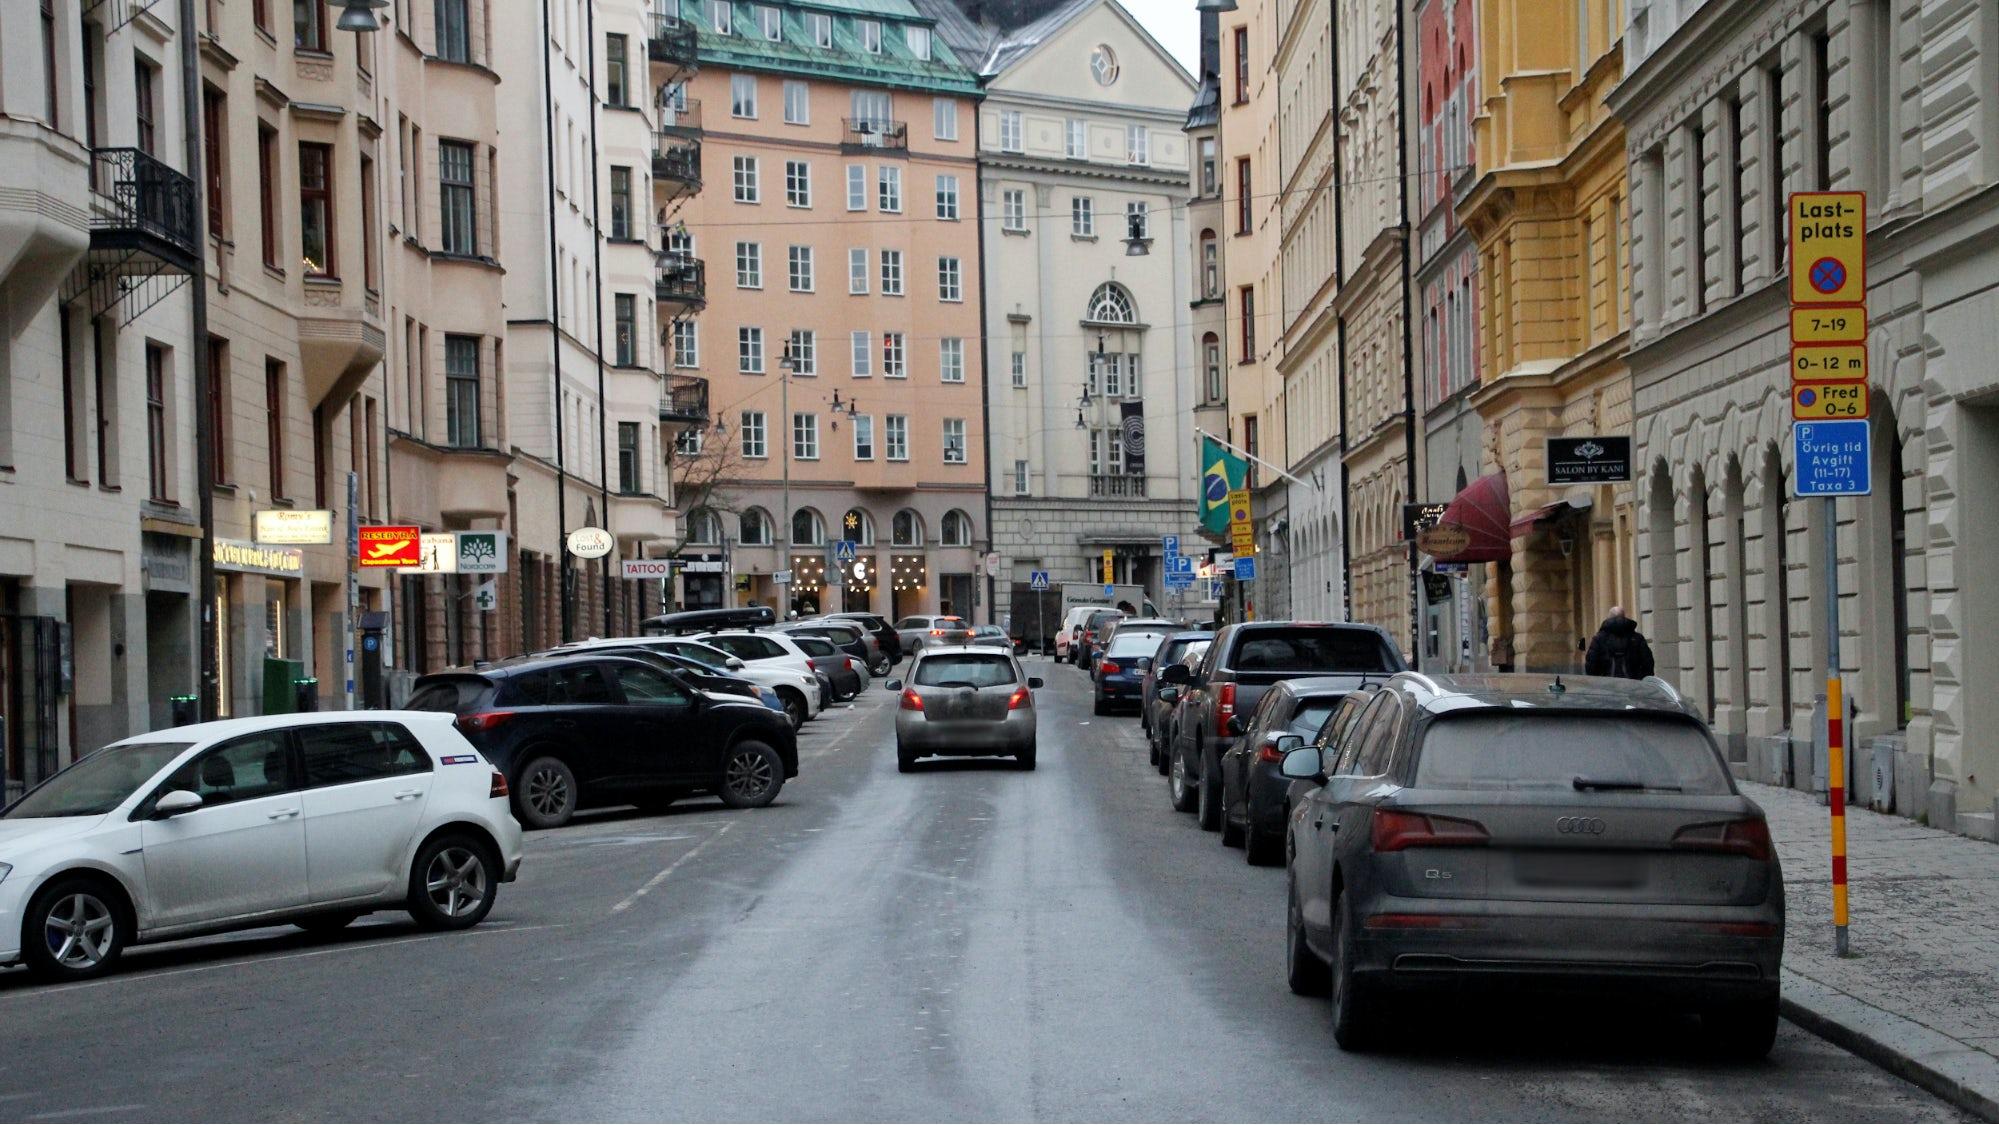 Bil på trång gata där det är många parkerade bilar.